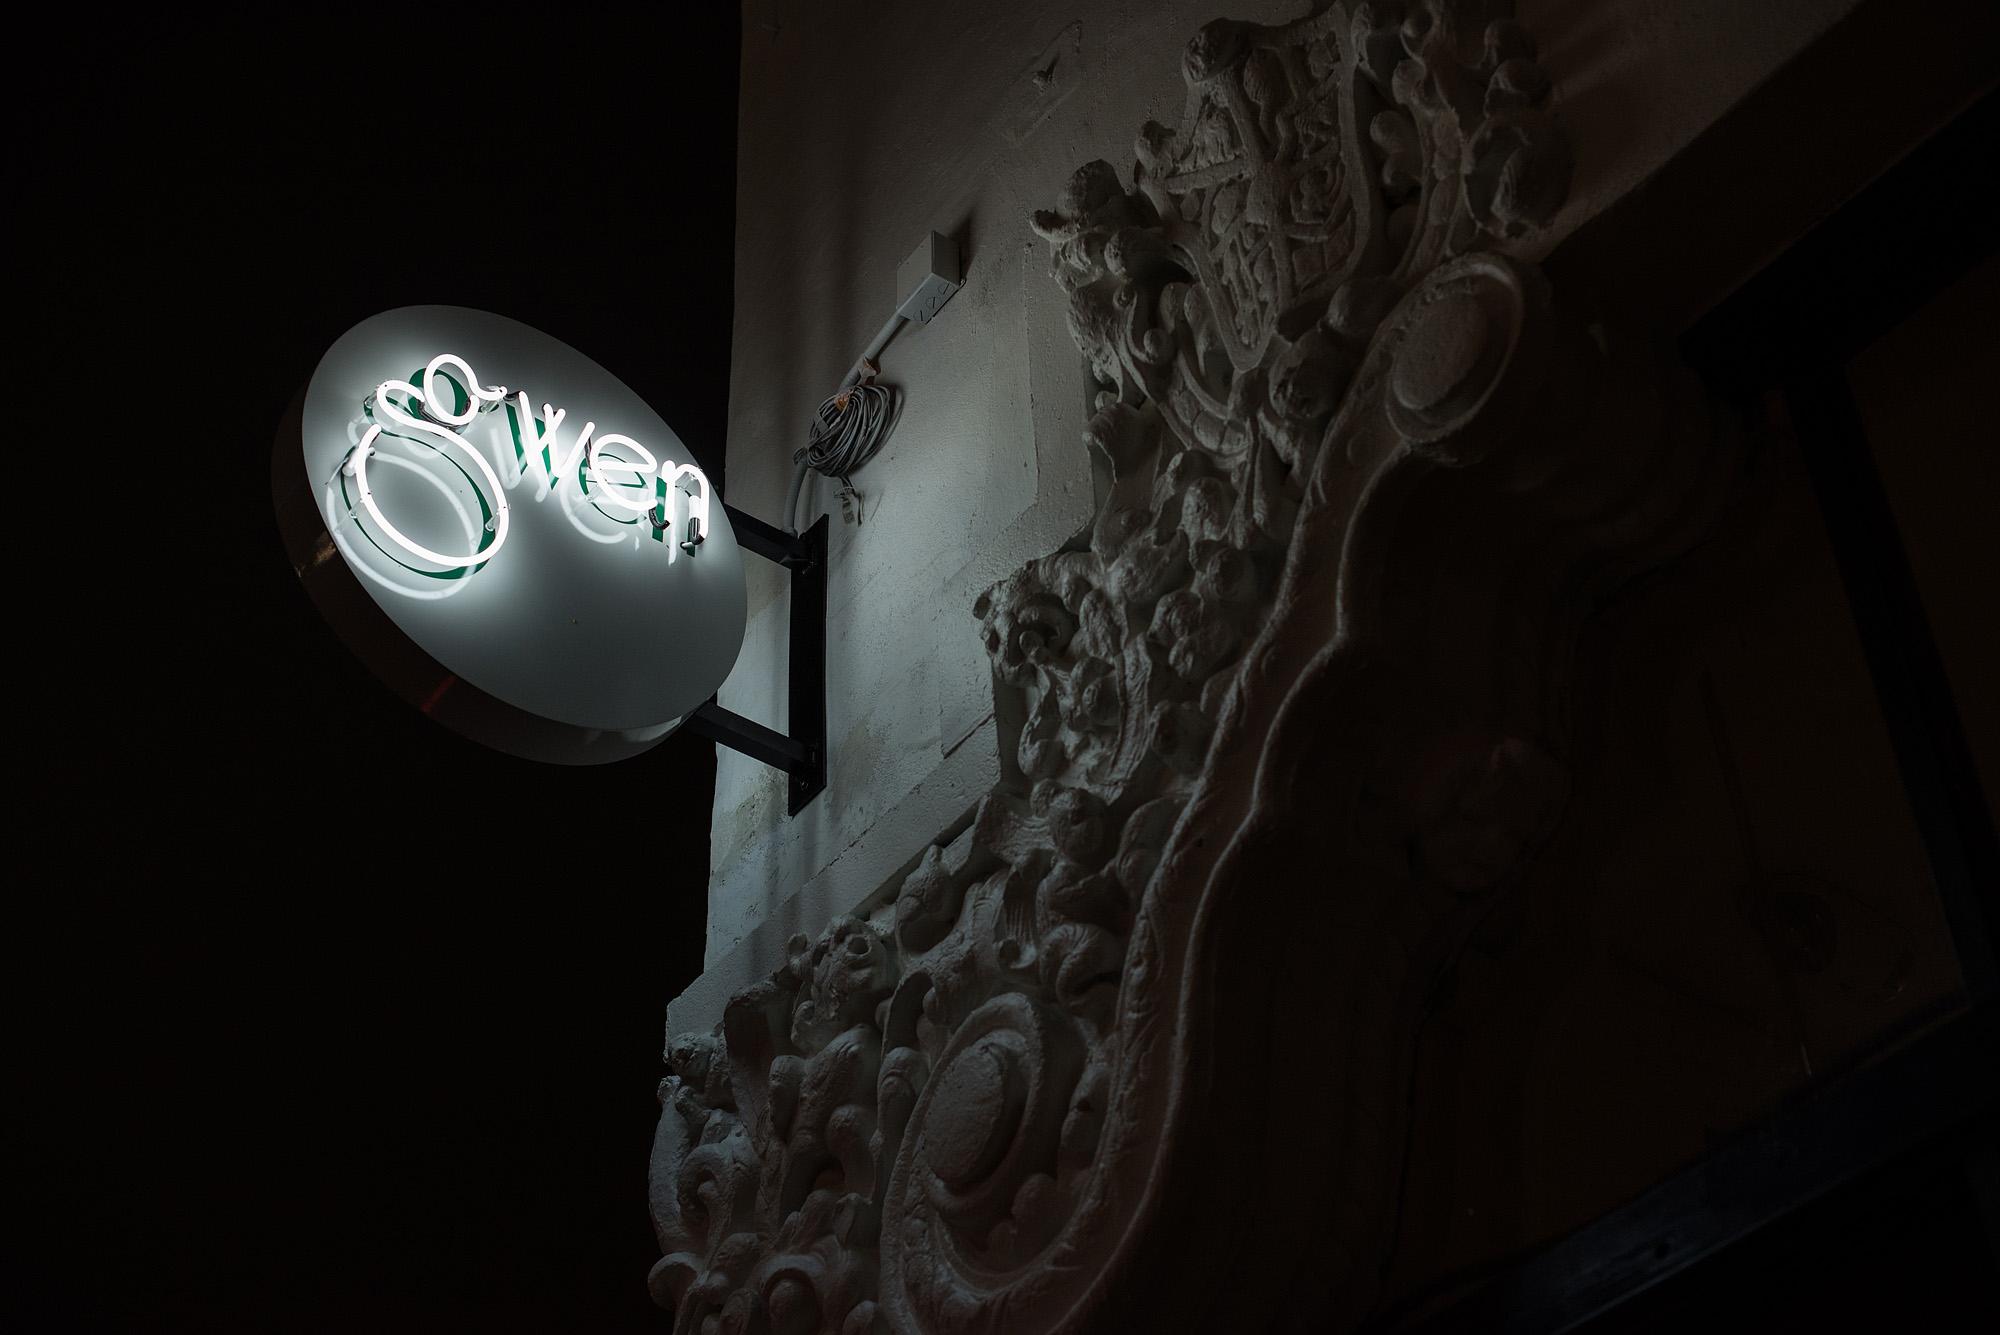 Sign at Gwen, Hollywood